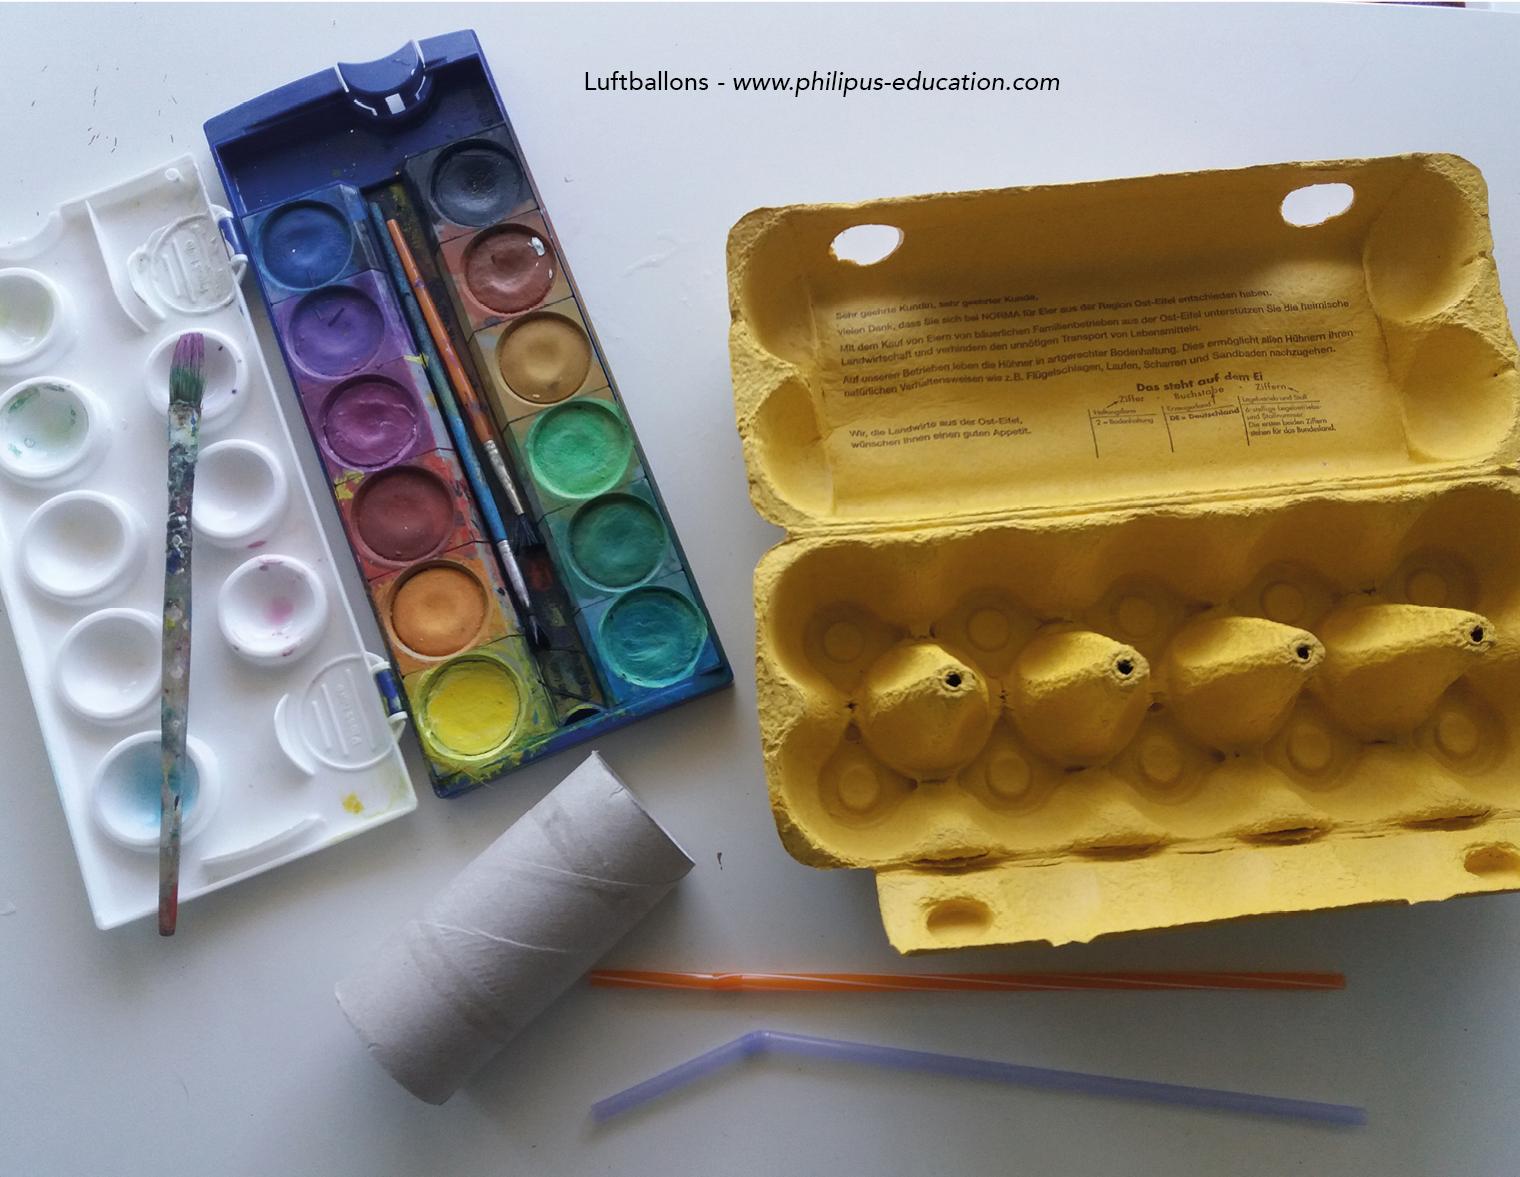 Wasserfarben, Toilettenrollen, ein Eierkarton mit spitzen Formen und Strohhalme